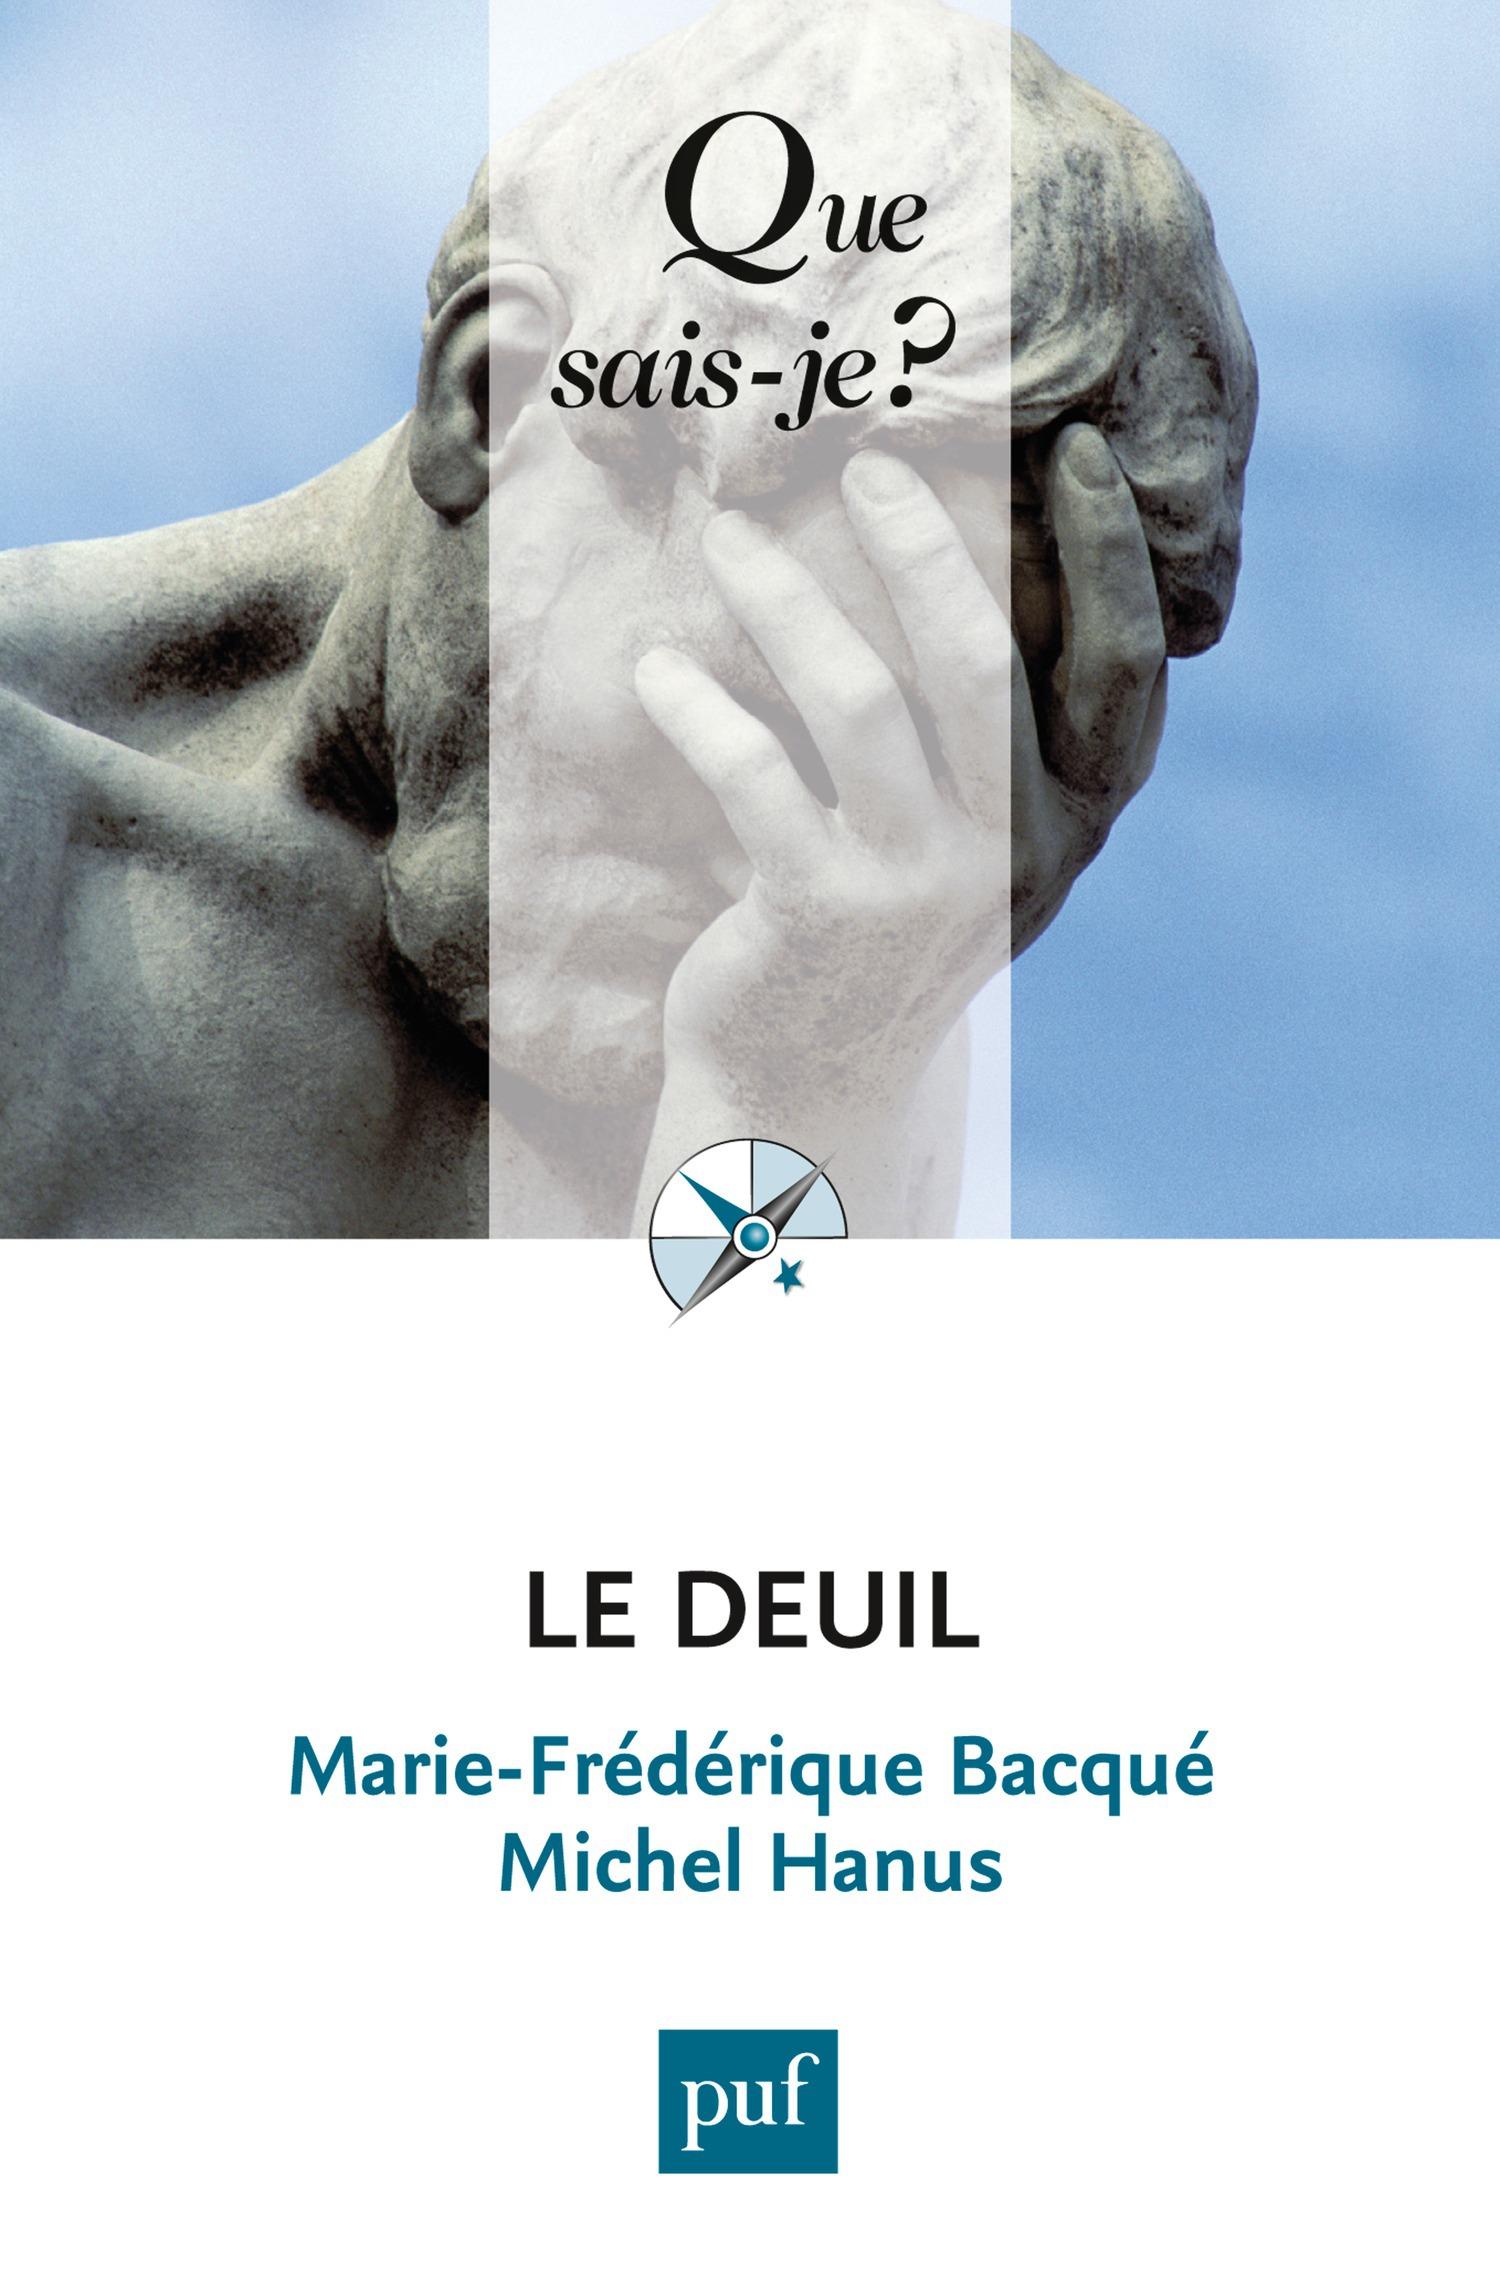 Marie-Frédérique Bacqué Le deuil